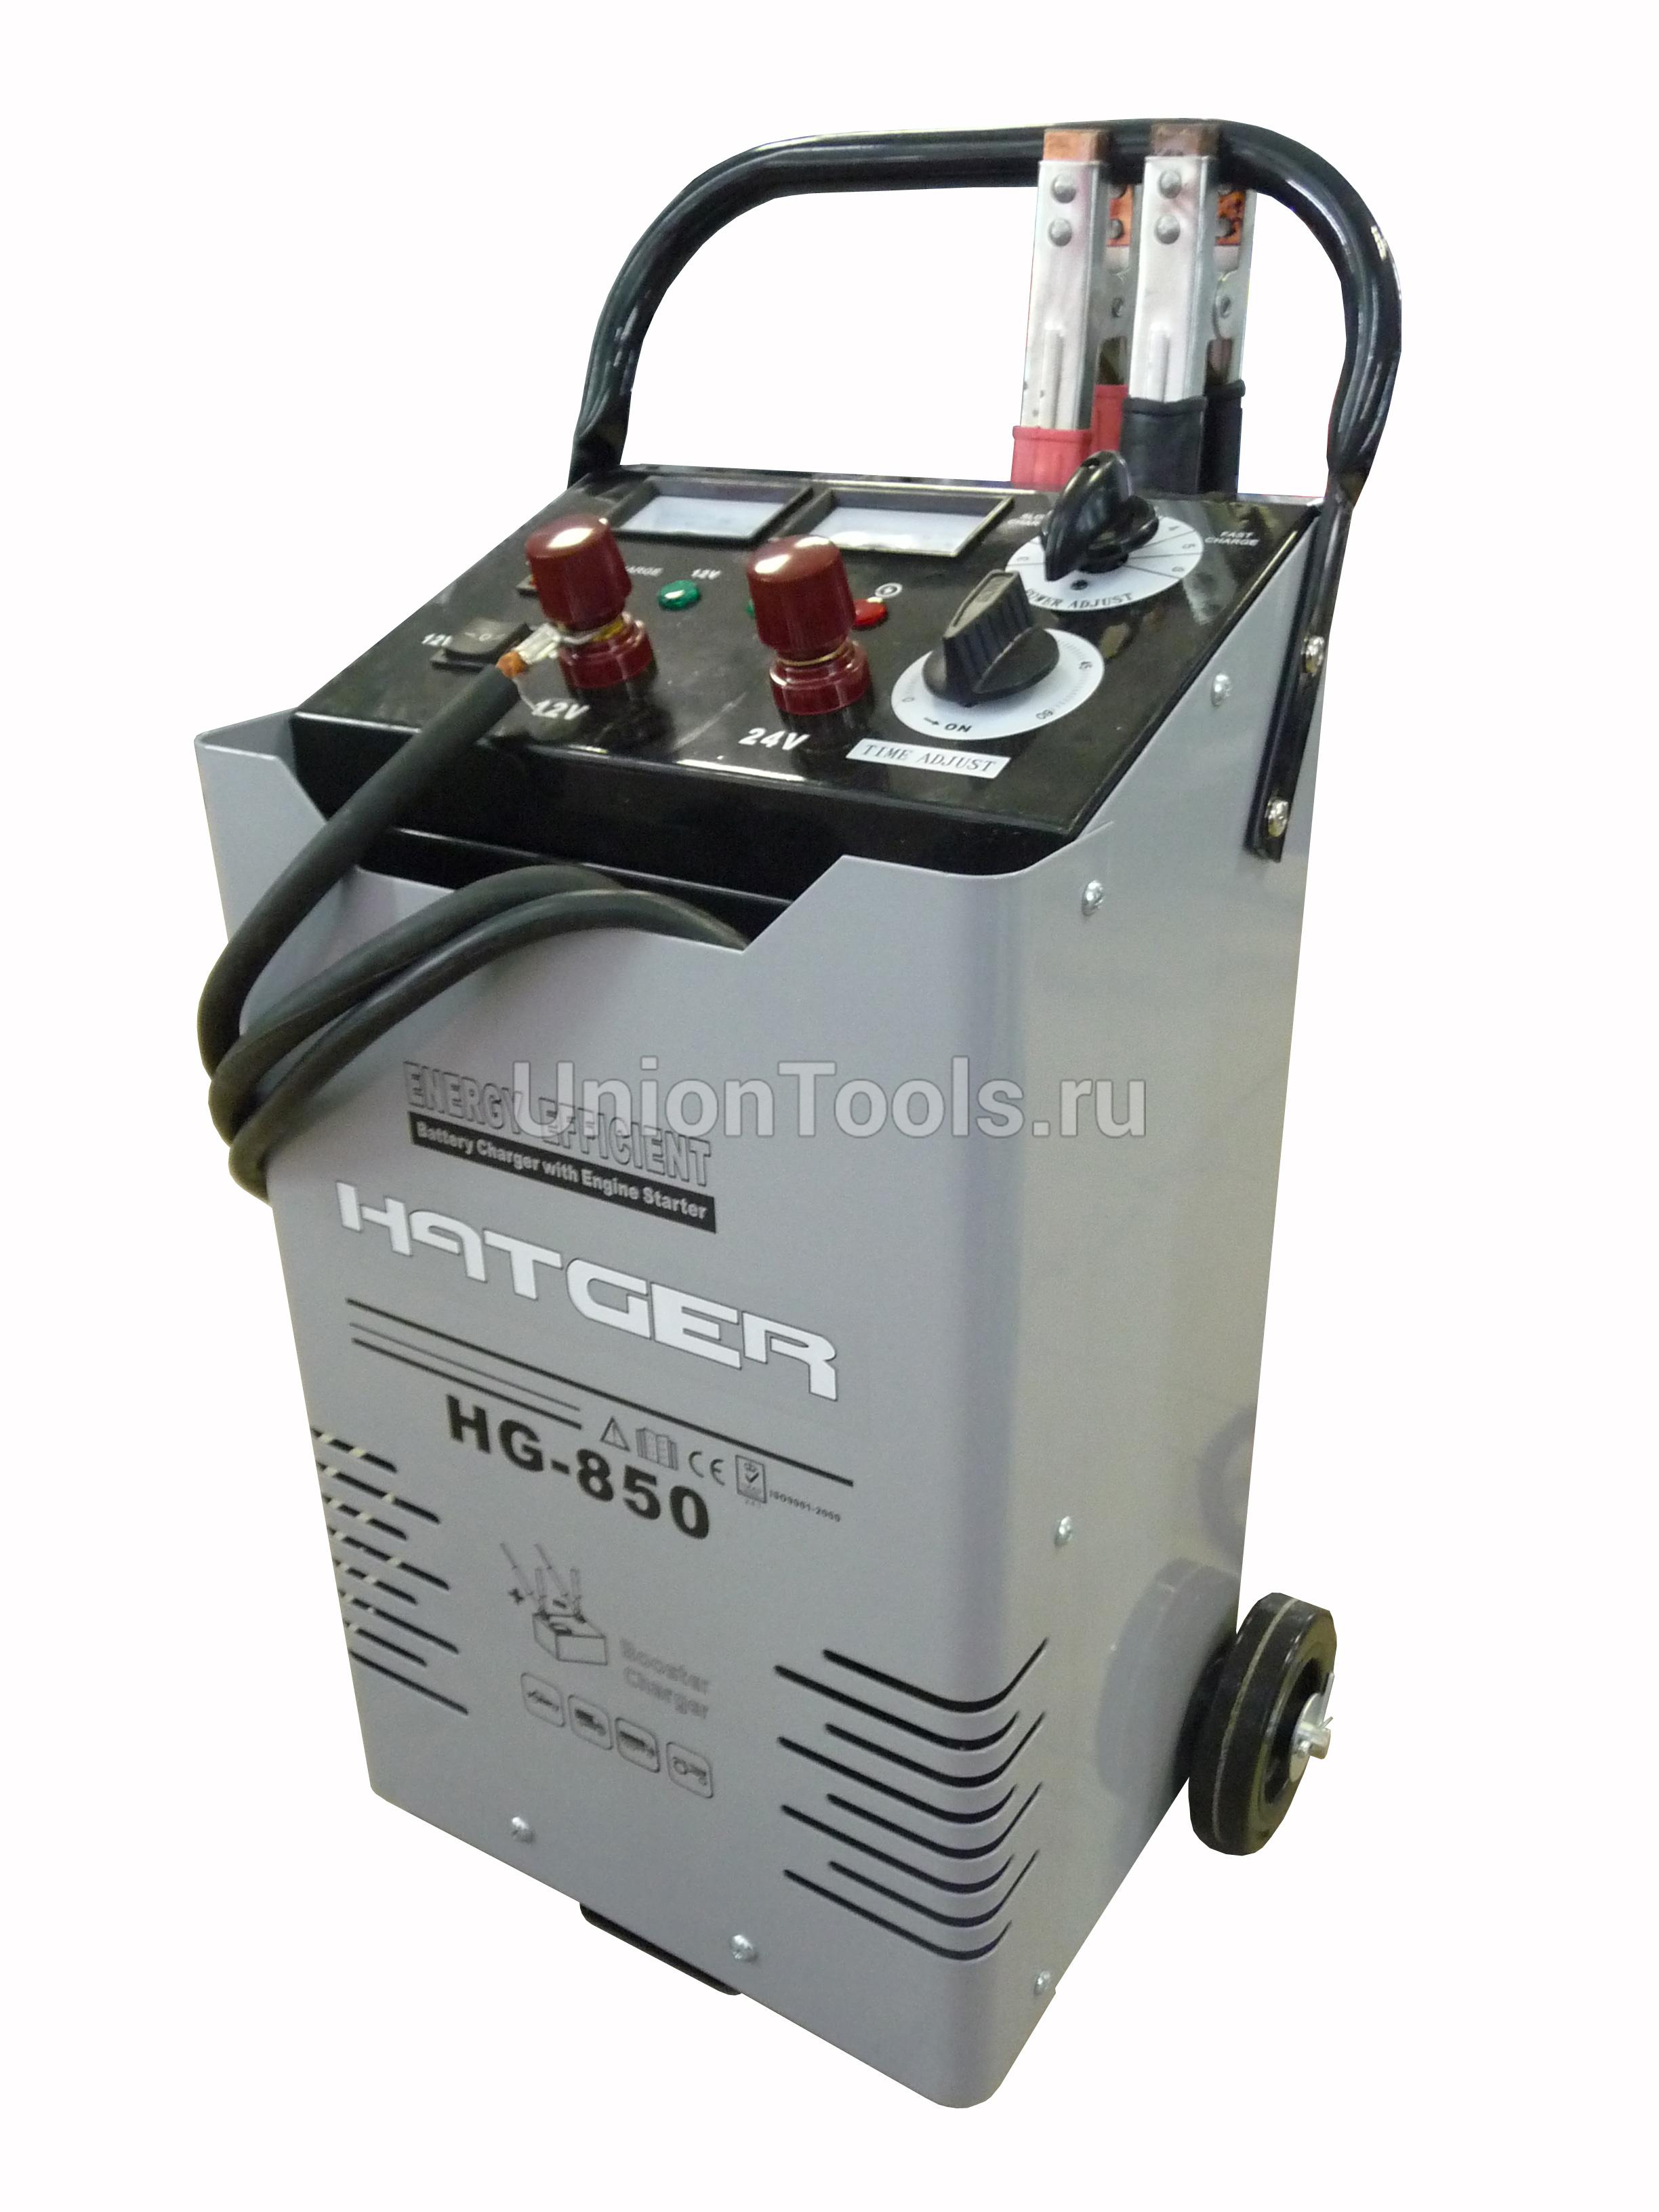 Пуско-зарядное устройство HG-850